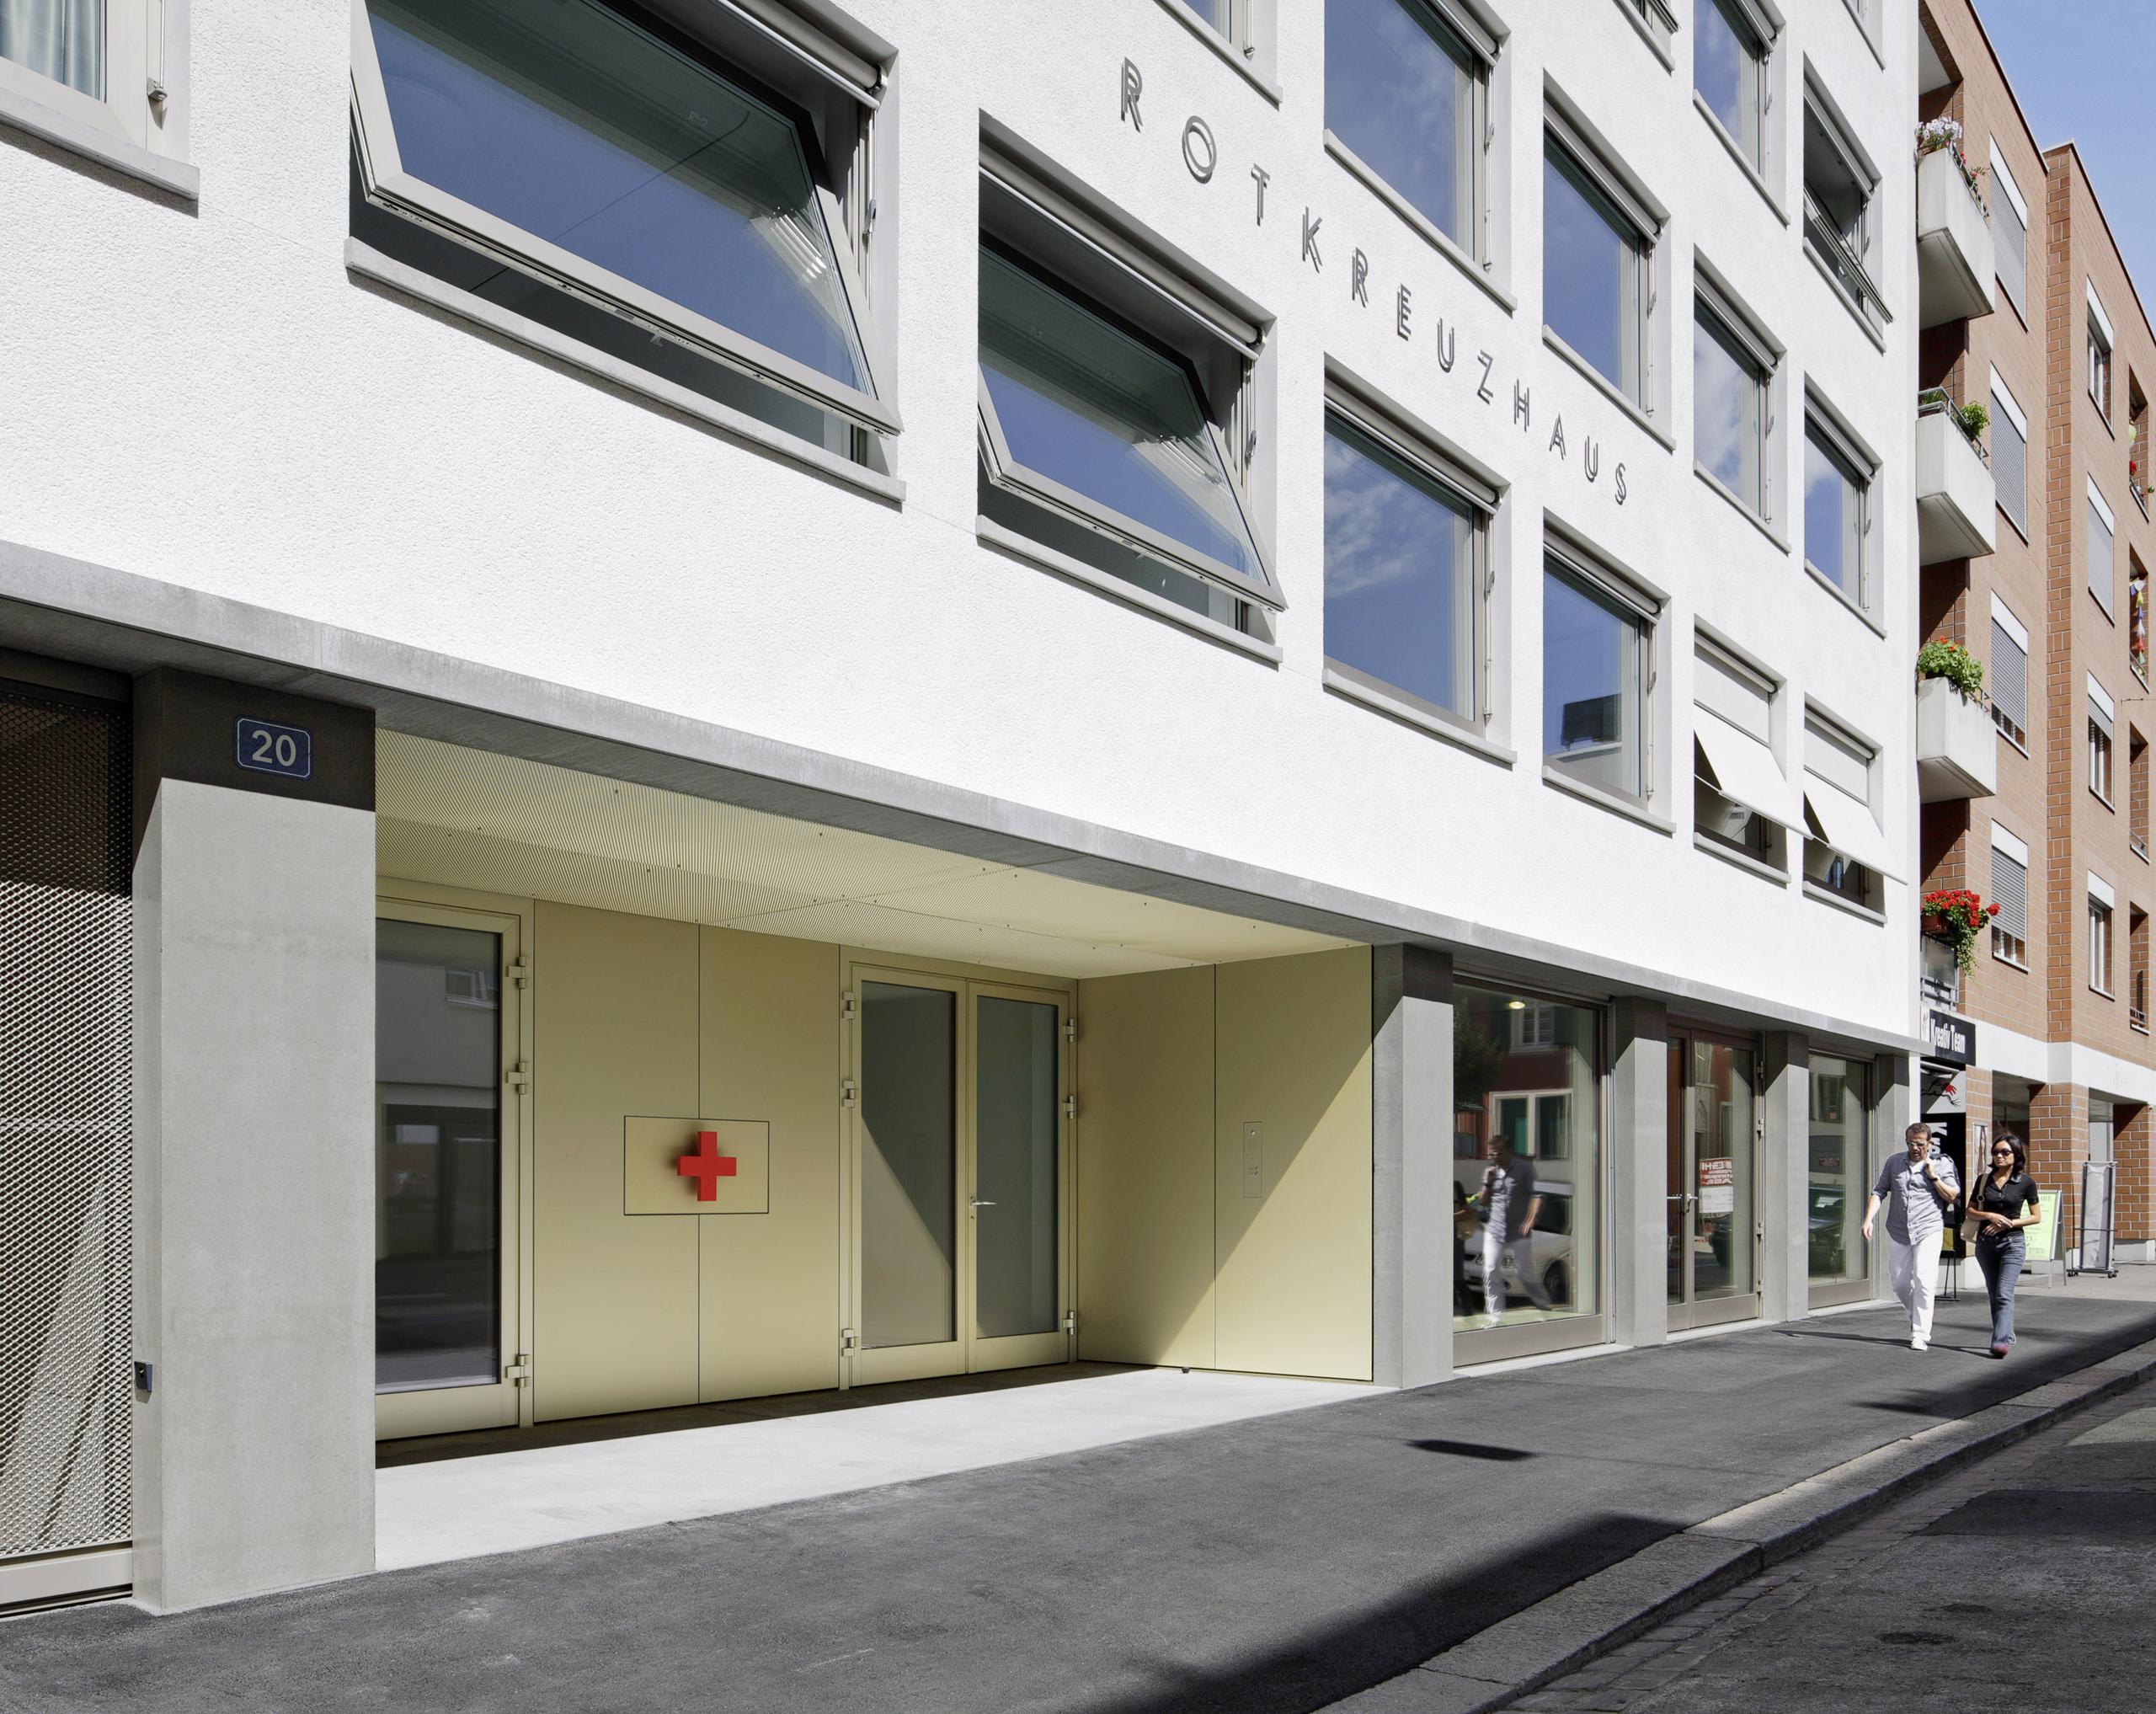 Eingang Strasse Neubau Geschäftsstelle Schweizerisches Rotes Kreuz von Architekturbüro Forsberg in Basel mit Malin Lindholm